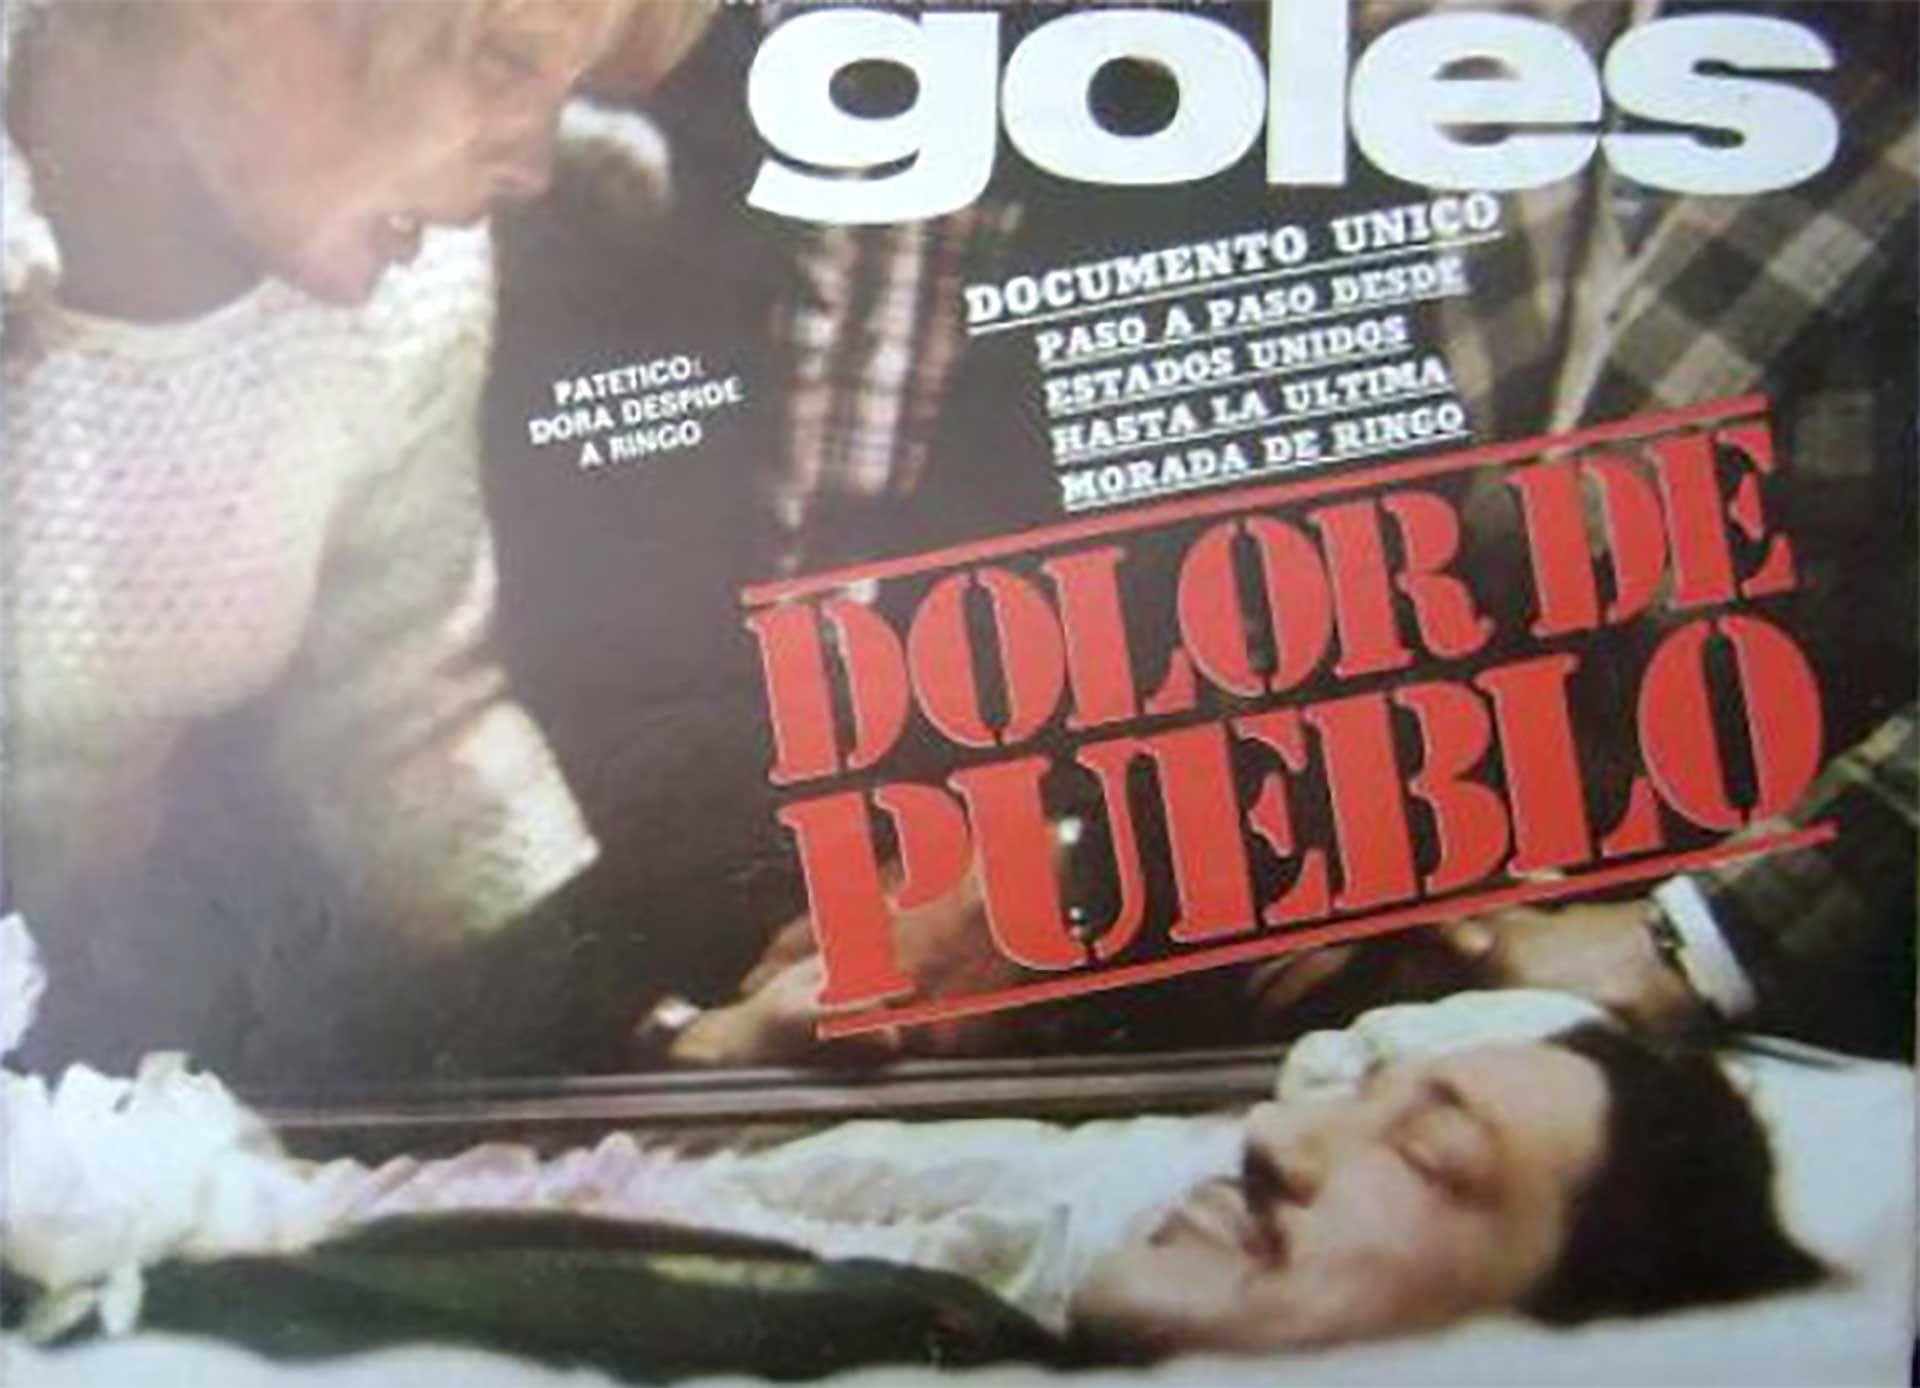 Dora, la mamá de Ringuito, despide a Bonavena en el Luna Park. La tapa de la revista Goles mostraba por última vez al ídolo argentino.